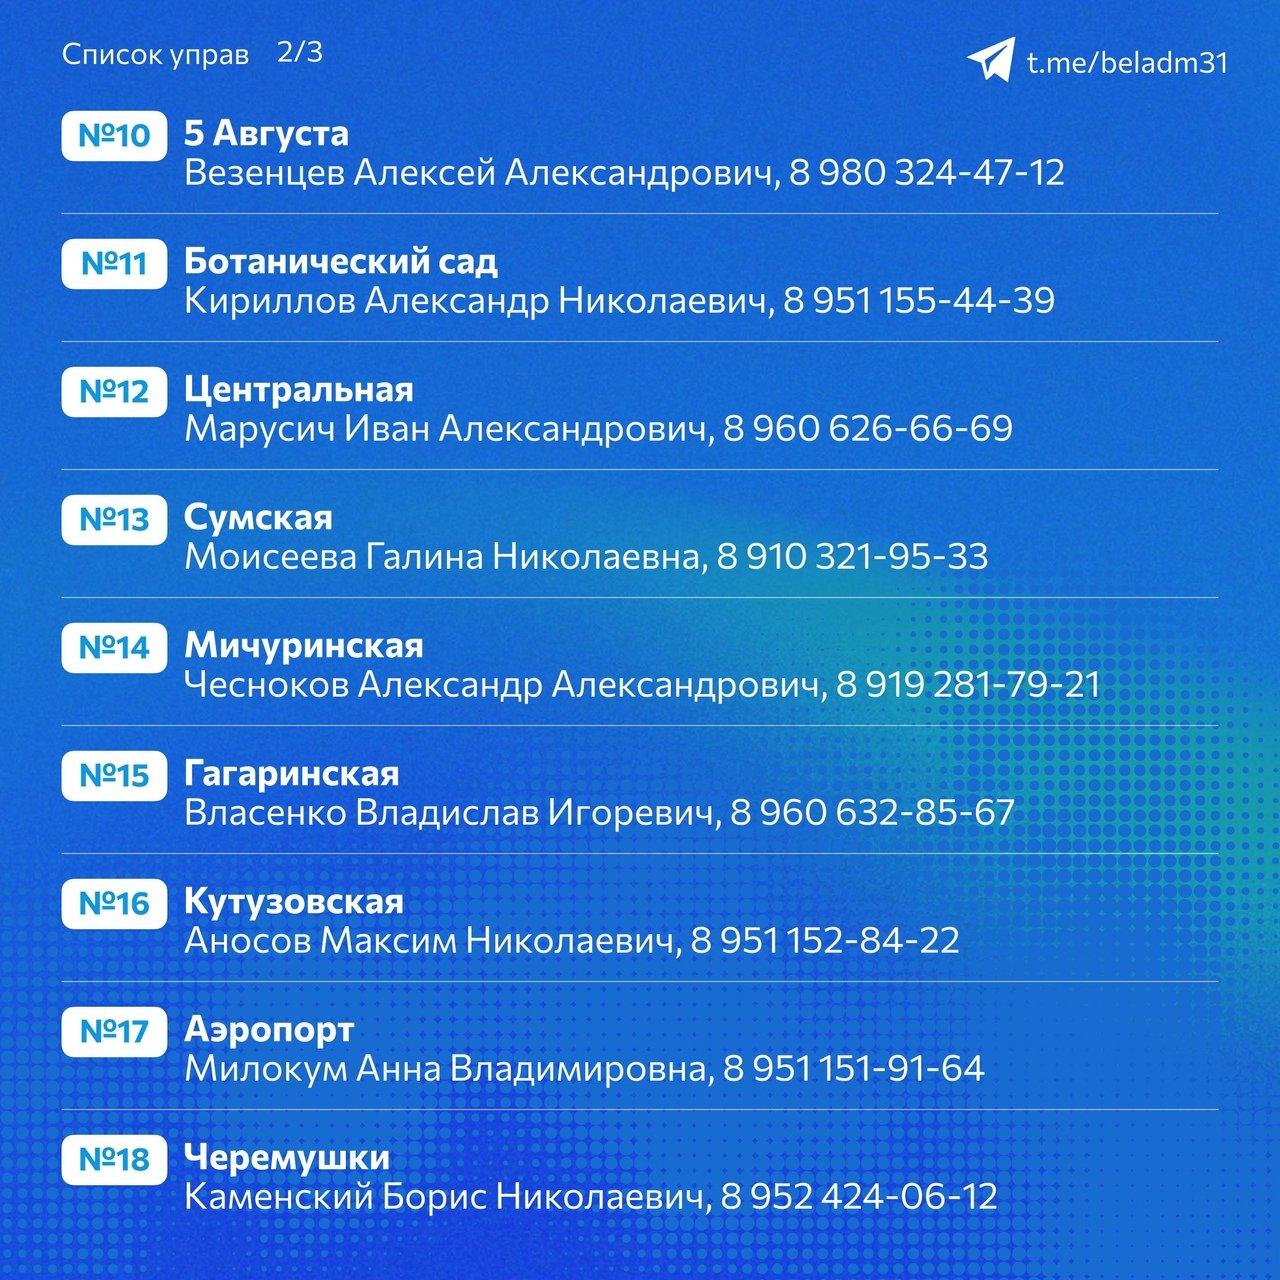 В управах Белгорода теперь можно сделать прививку от CoViD-19, фото-2